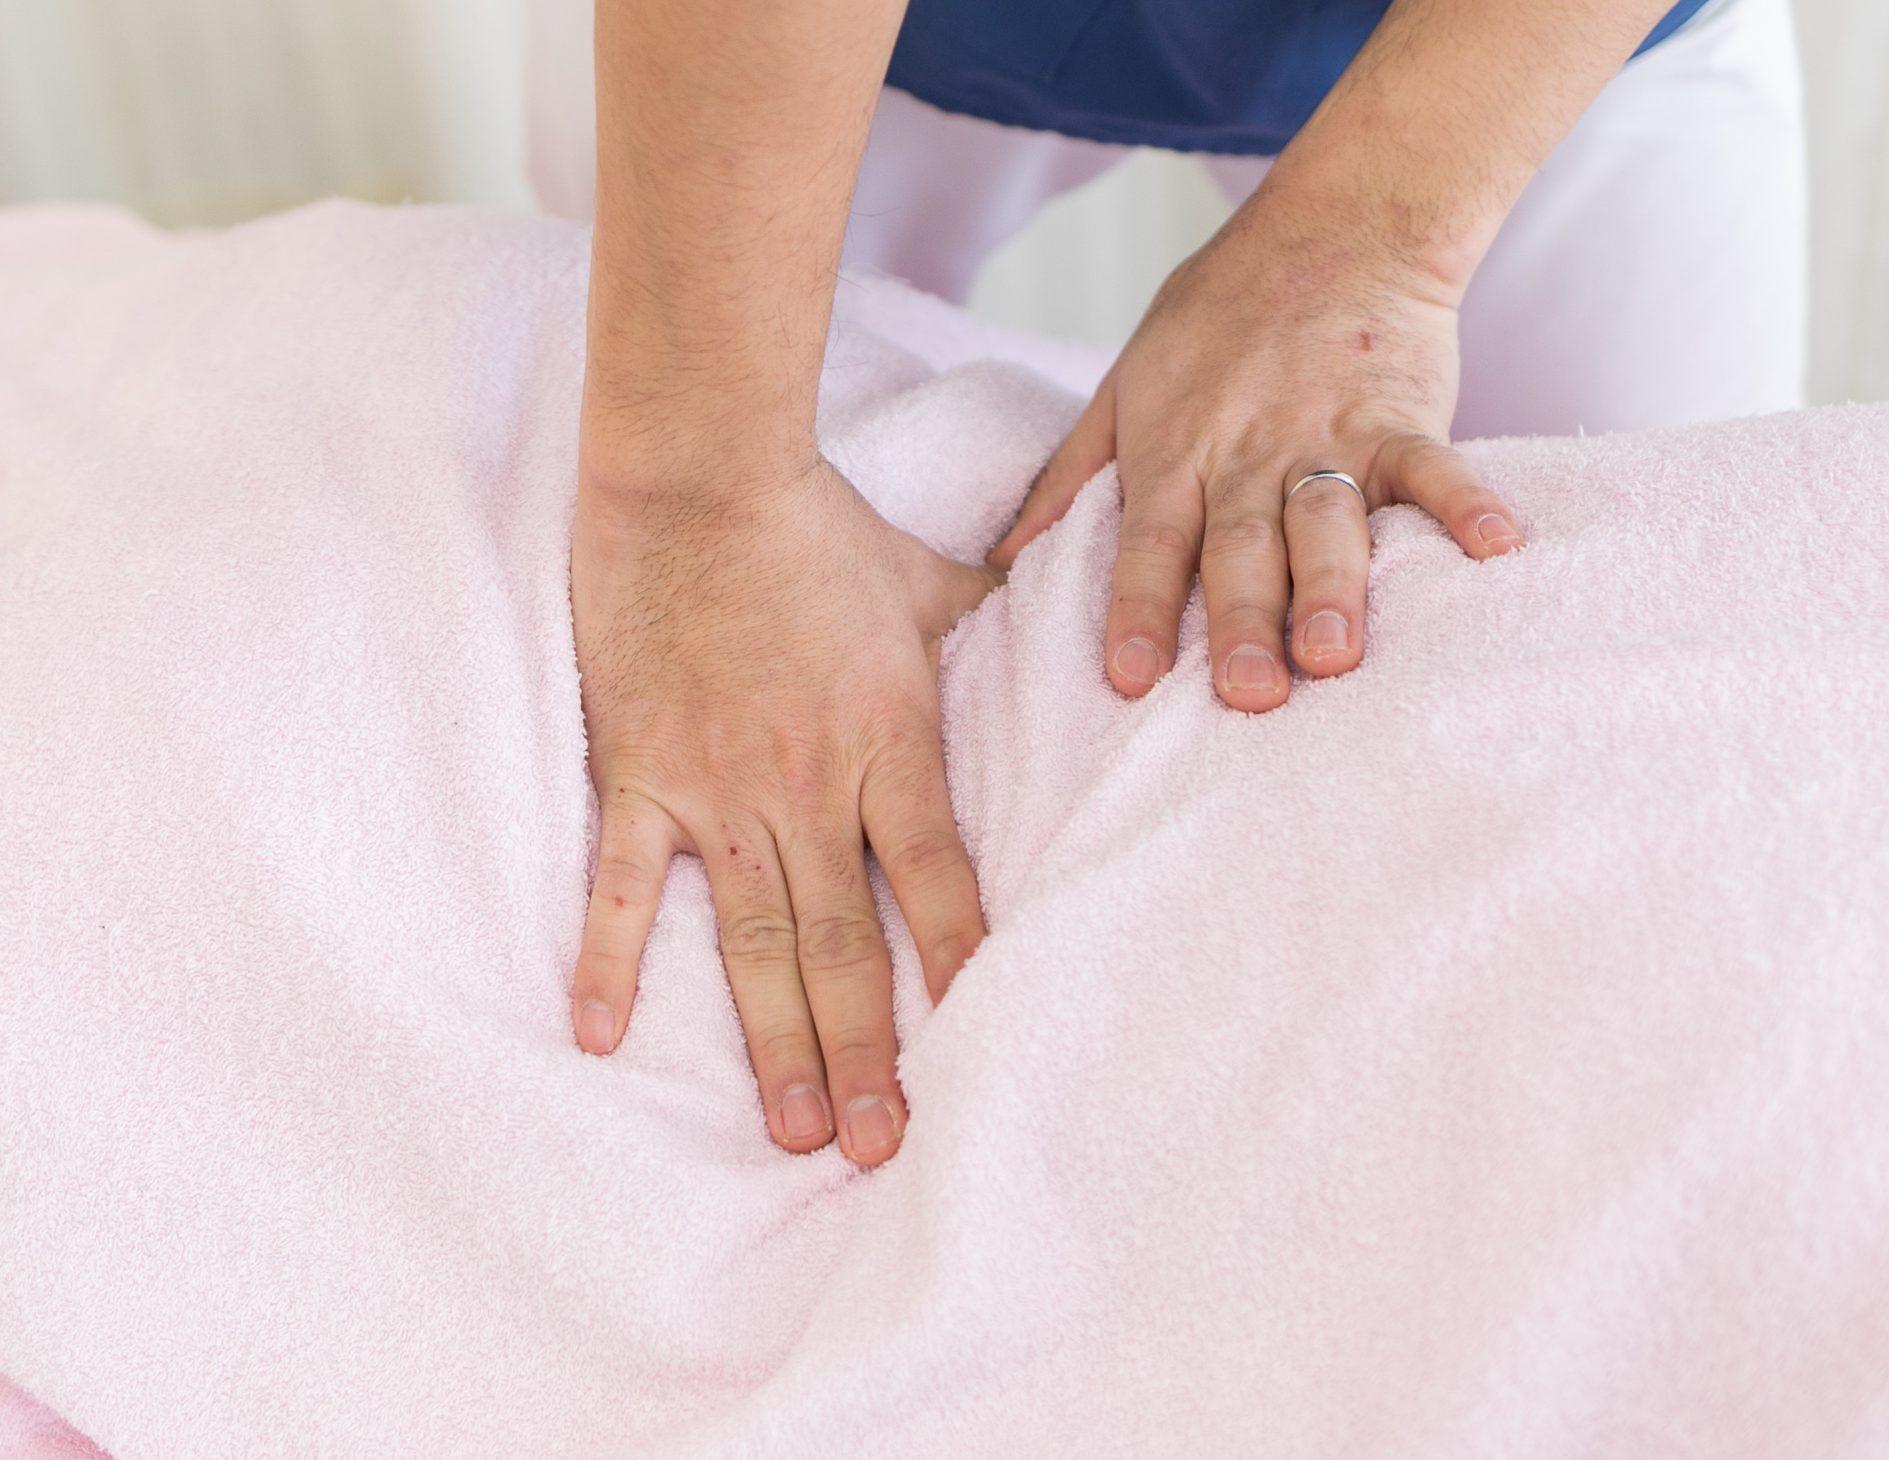 手技療法|郡山まこと鍼灸整骨院